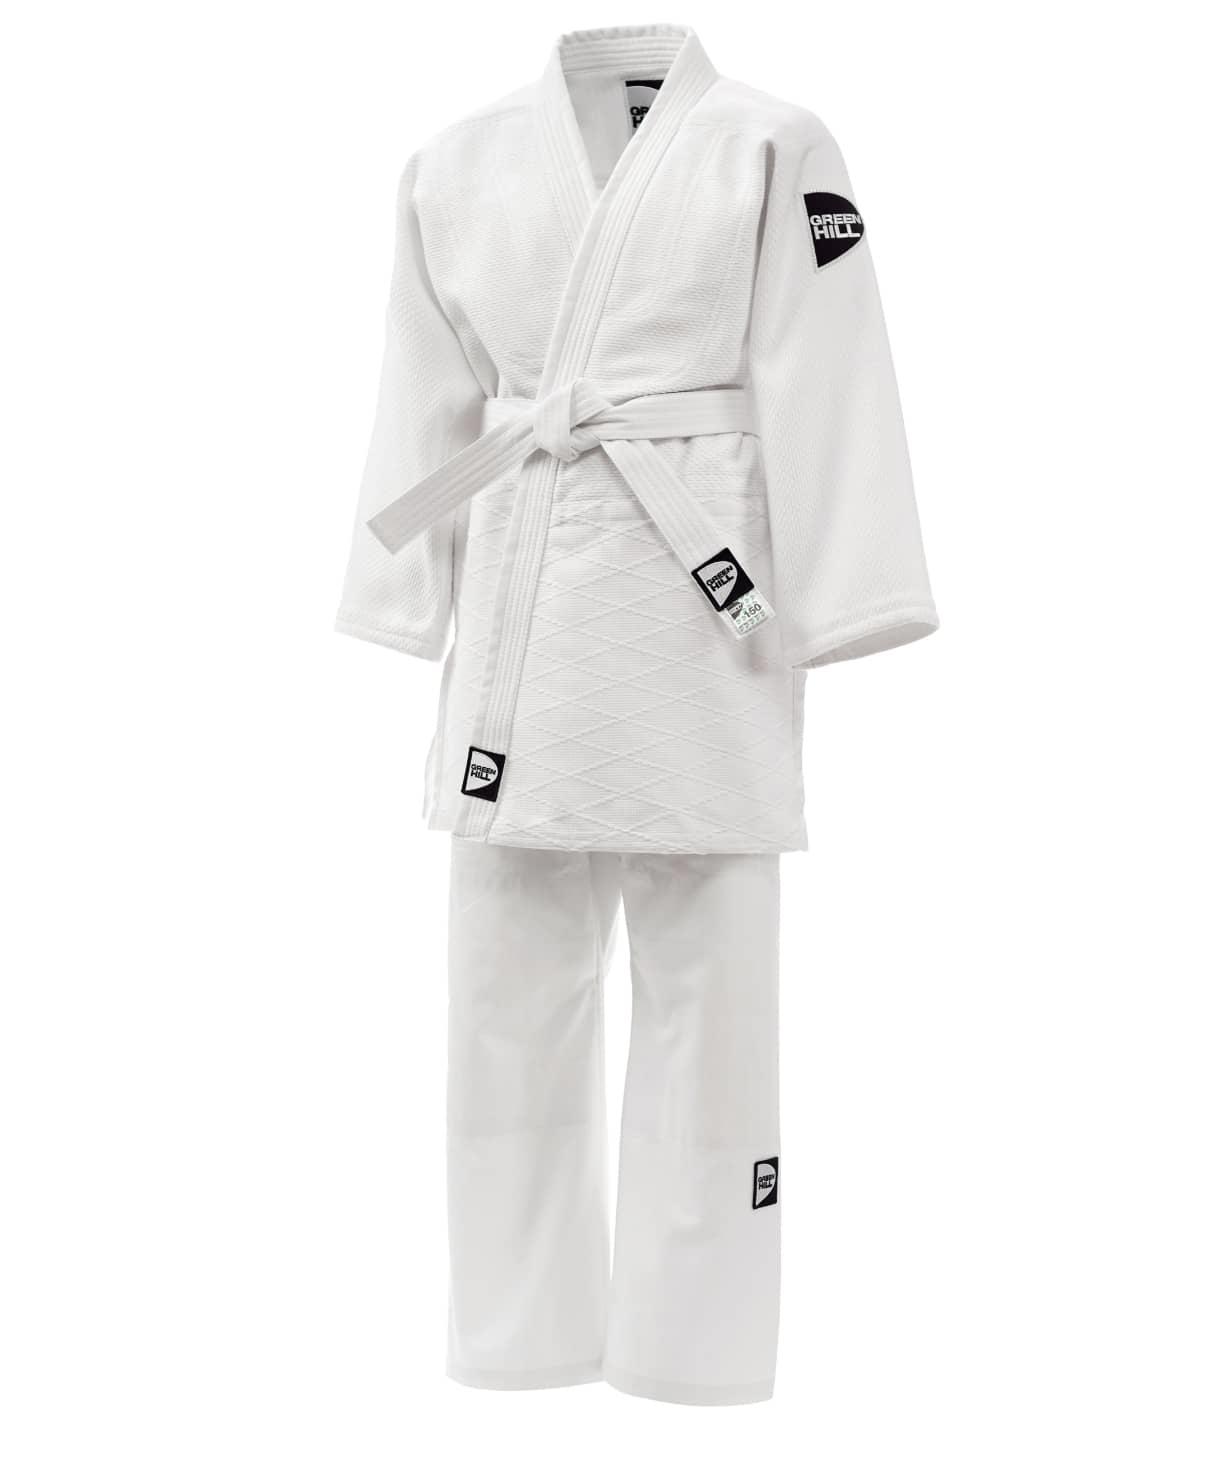 Кимоно для дзюдо JSTT-10761, белый, р.5/180